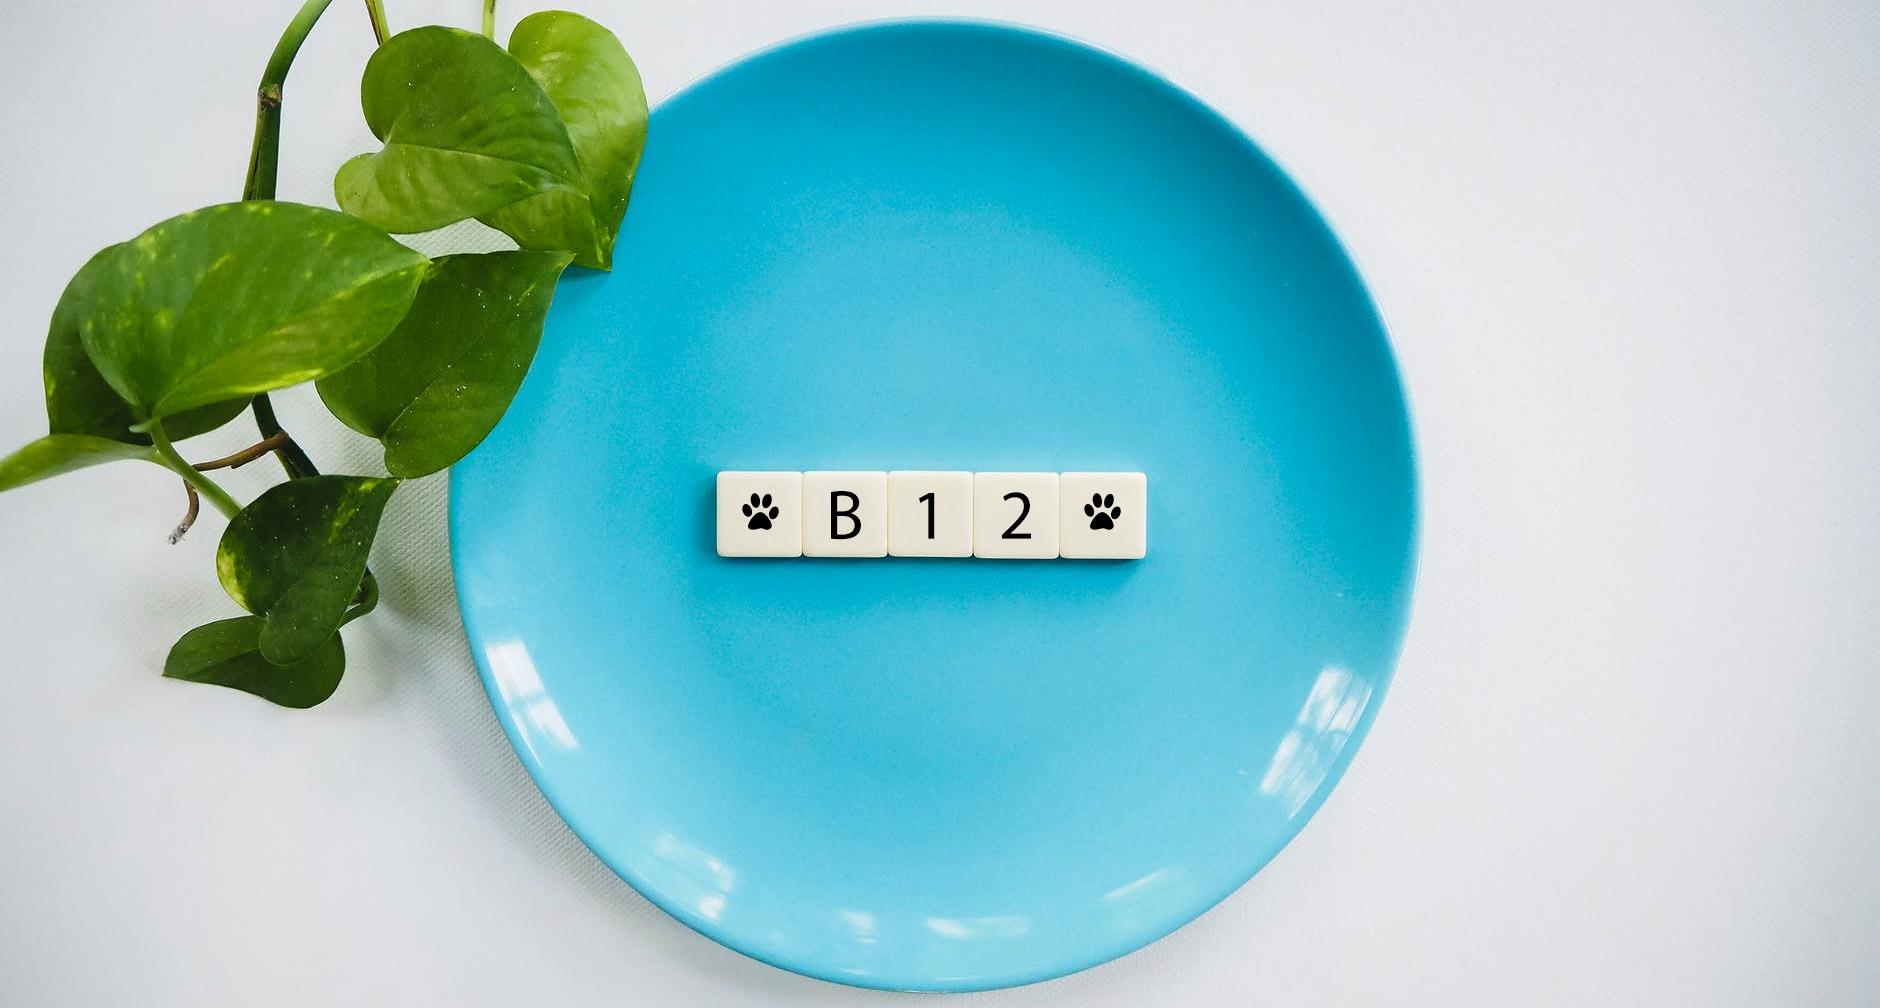 צמחונים או טבעוניים? איך מתמודדים עם חוסר ב- B12?